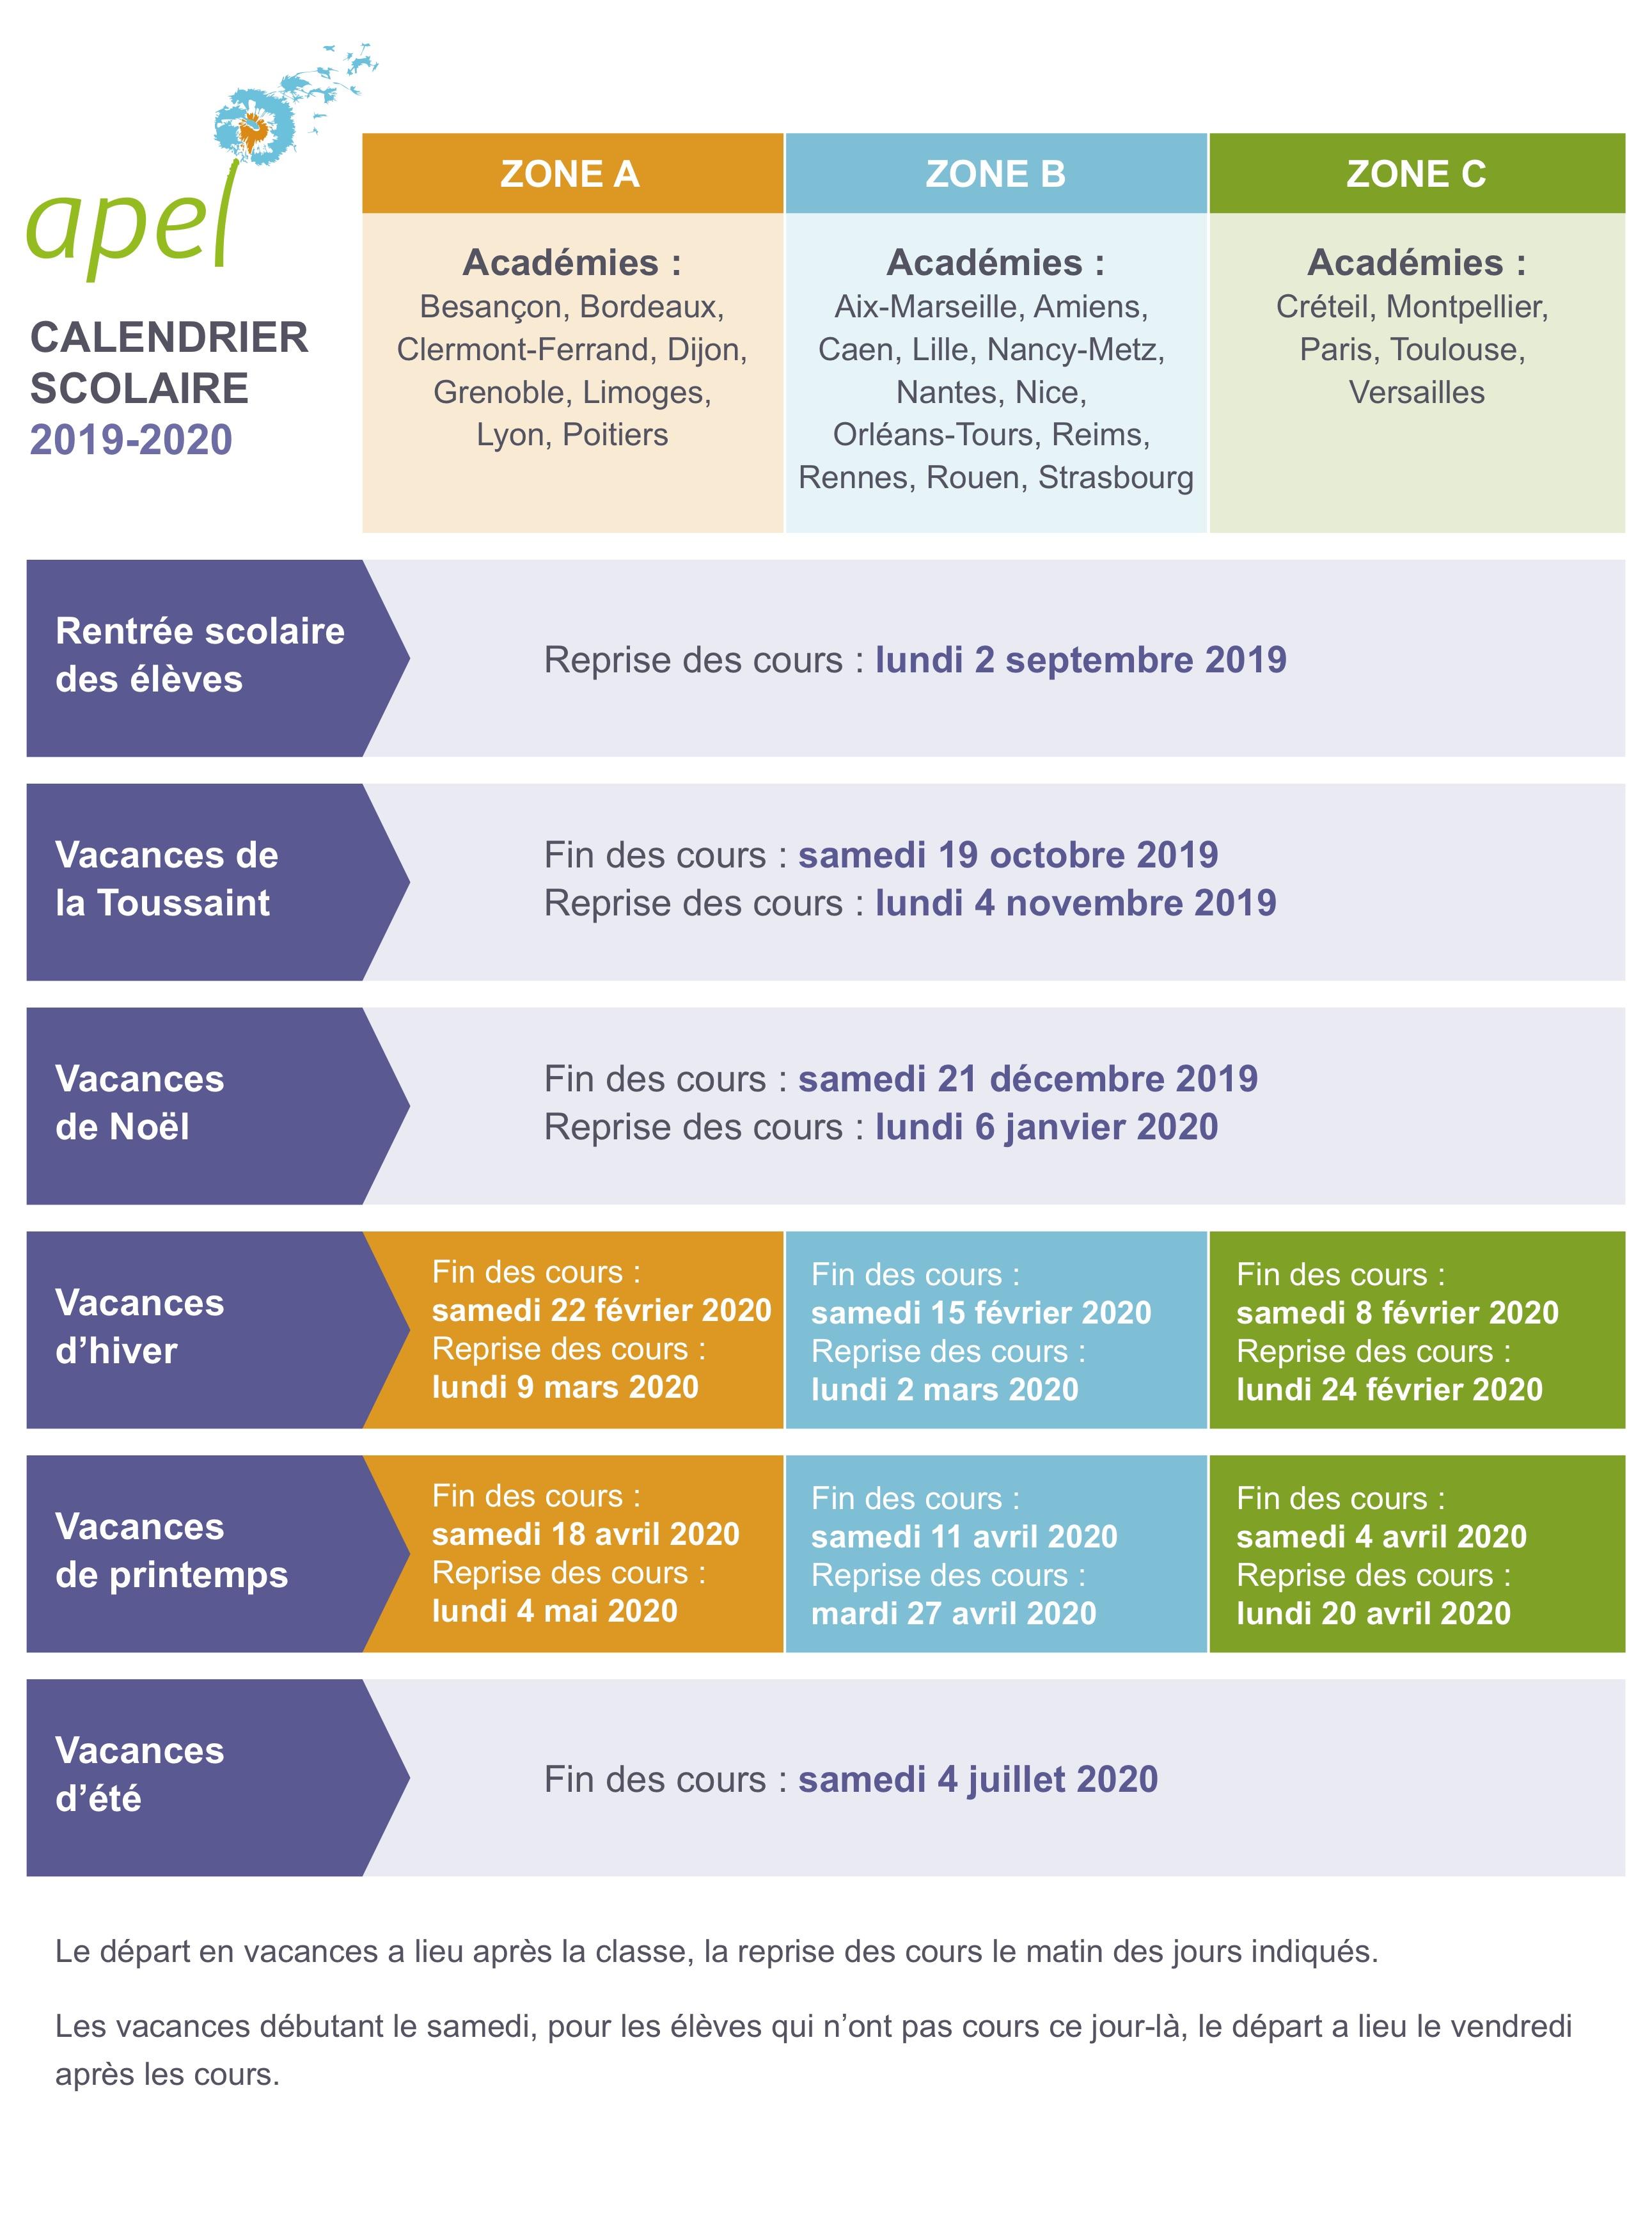 ⚐ Calendrier des Congés Scolaires 2019/2020